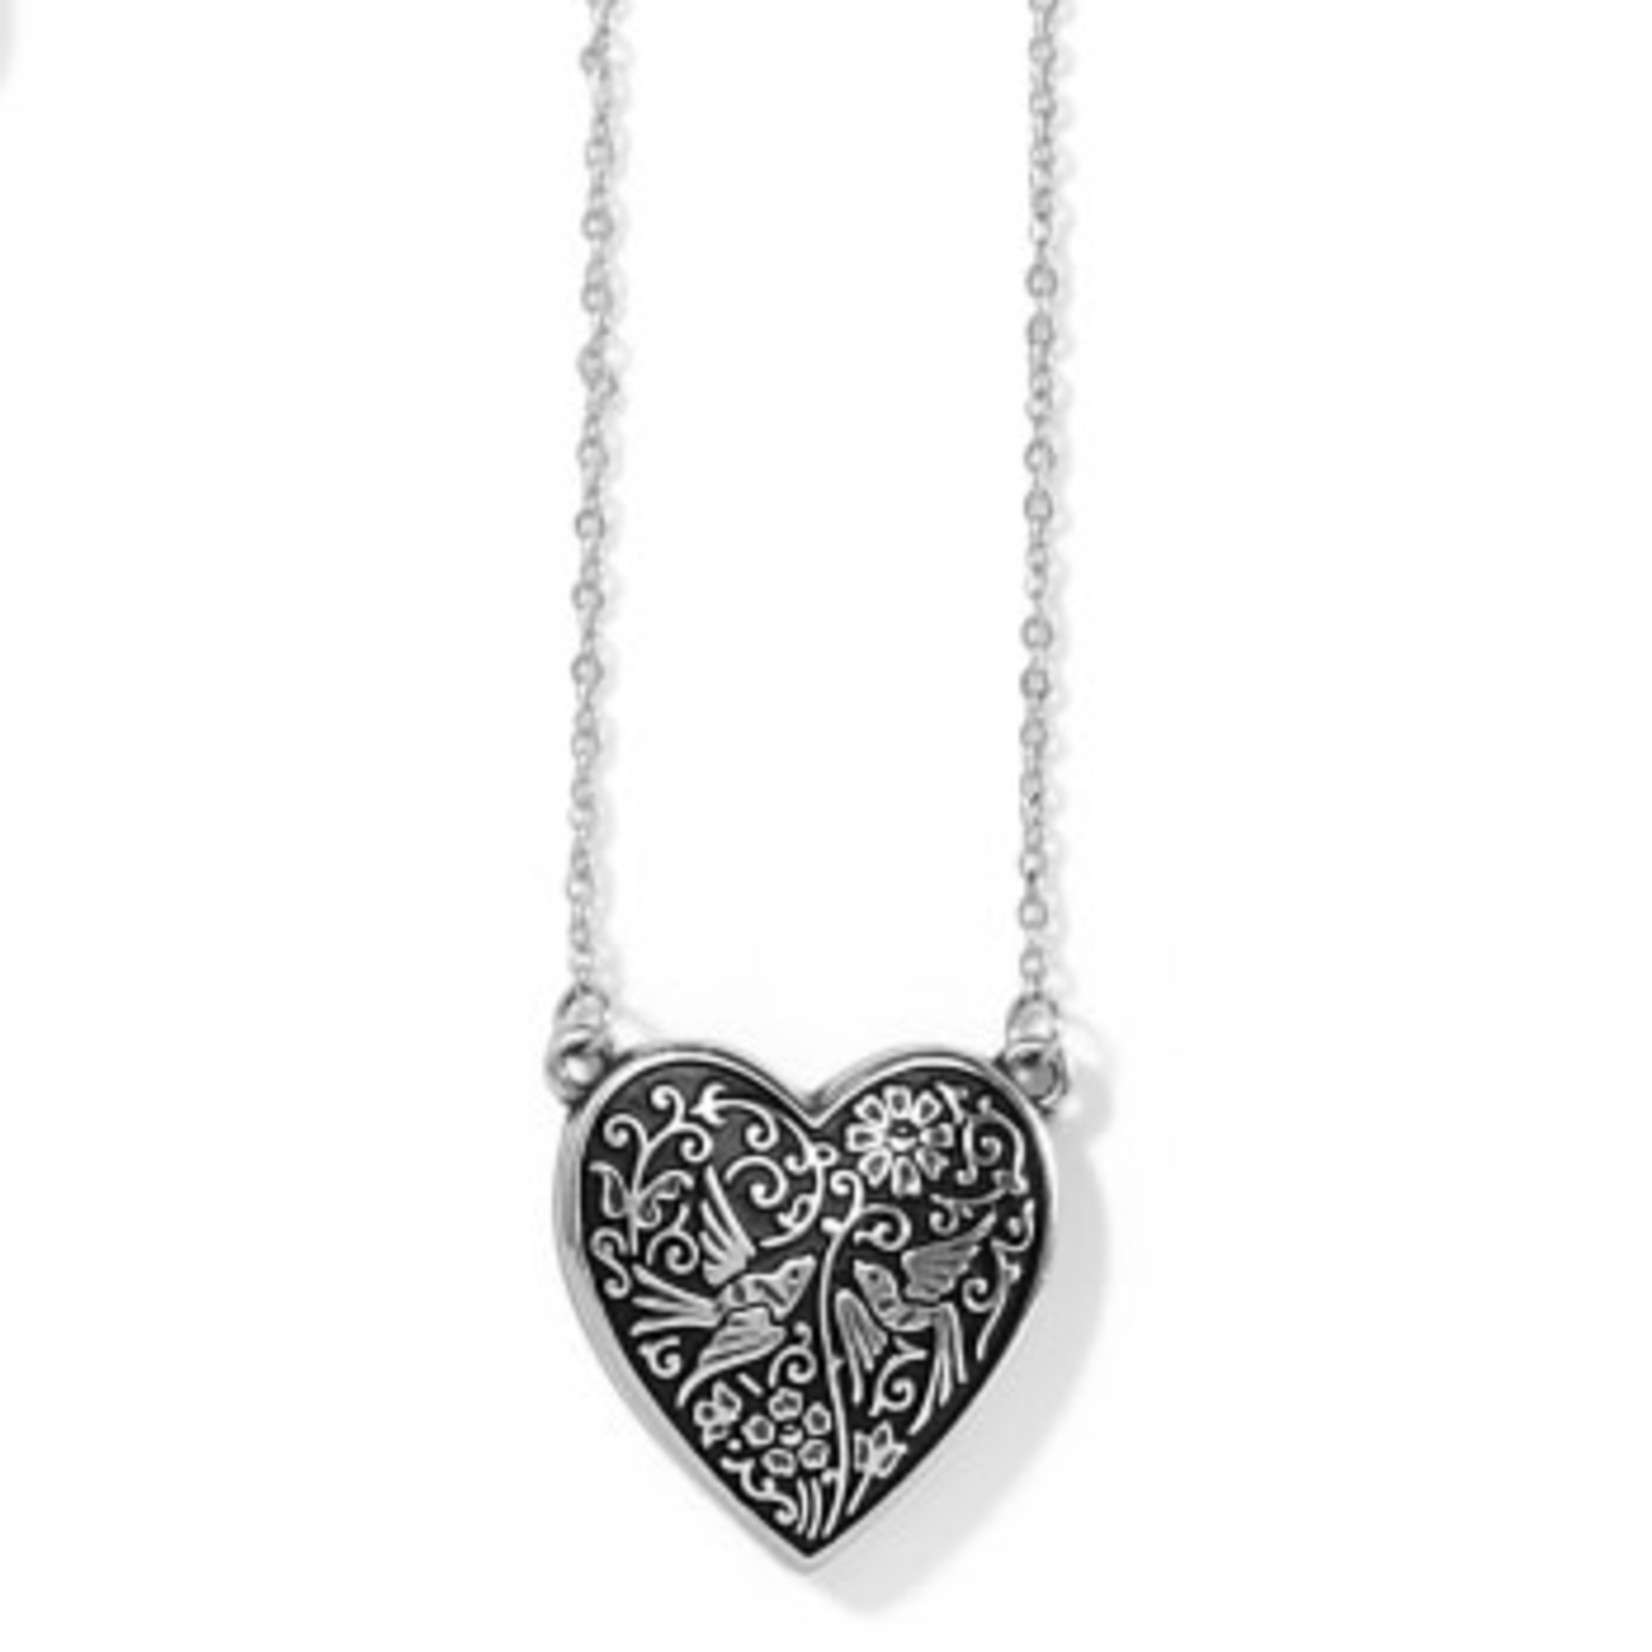 Brighton Moonlight Garden Heart Necklace Silver OS